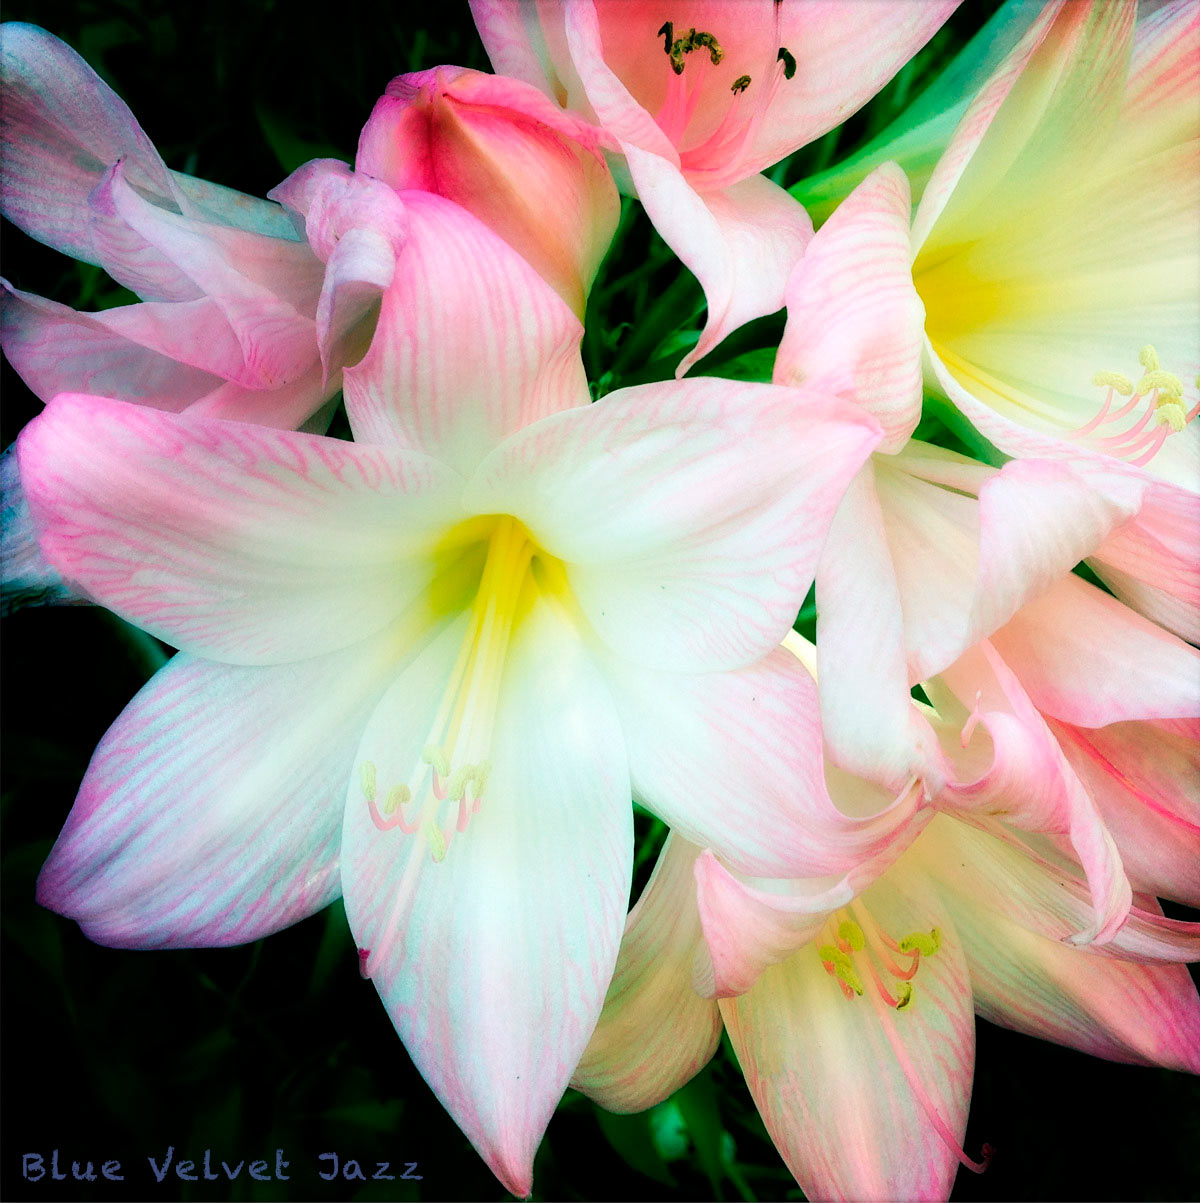 Blue Velvet Jazz flowers 4